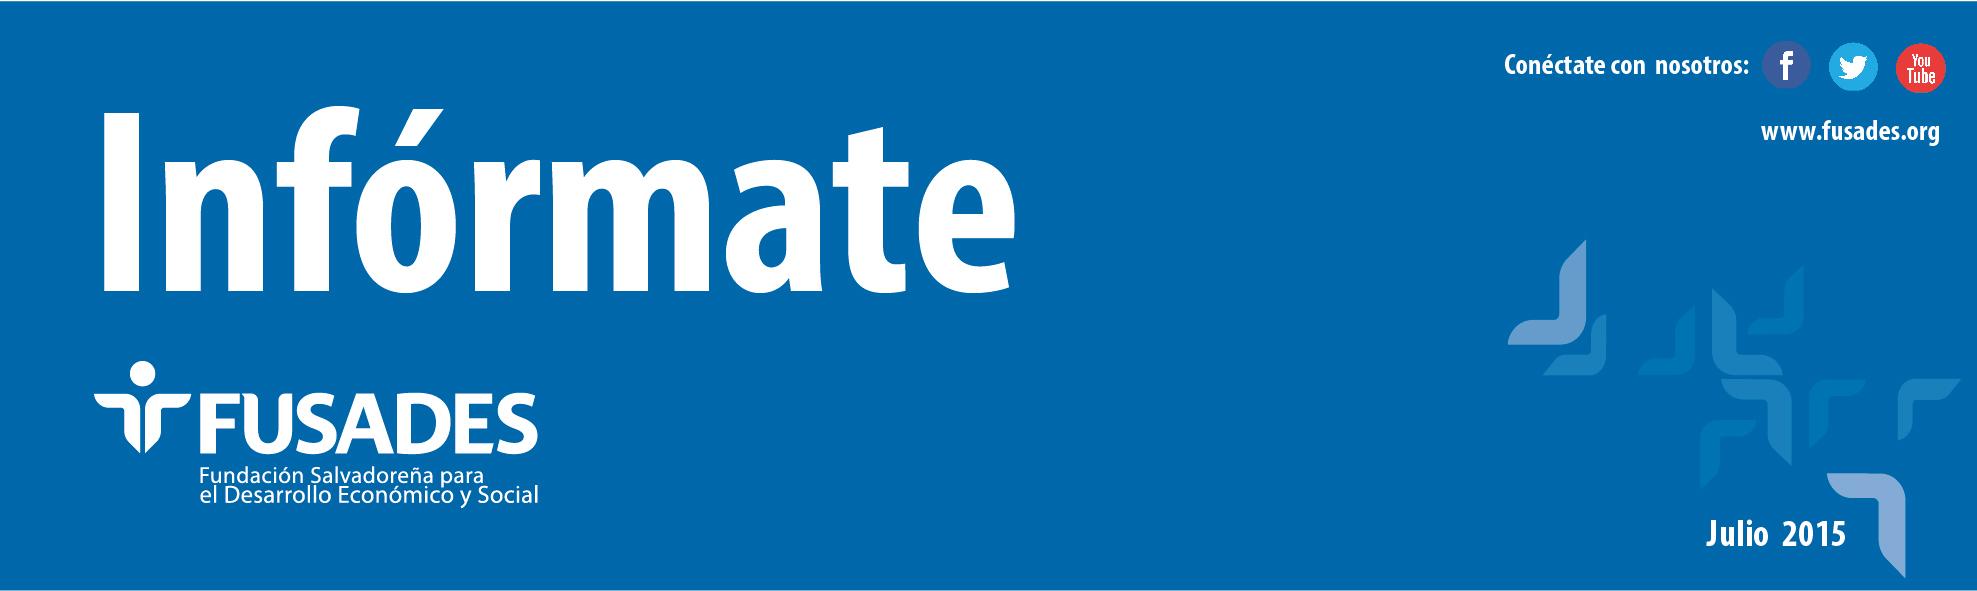 http://us8.campaign-archive2.com/?u=f44719800fcba23183a85dc59&id=02e6bfafdc&e=6b1d71223c